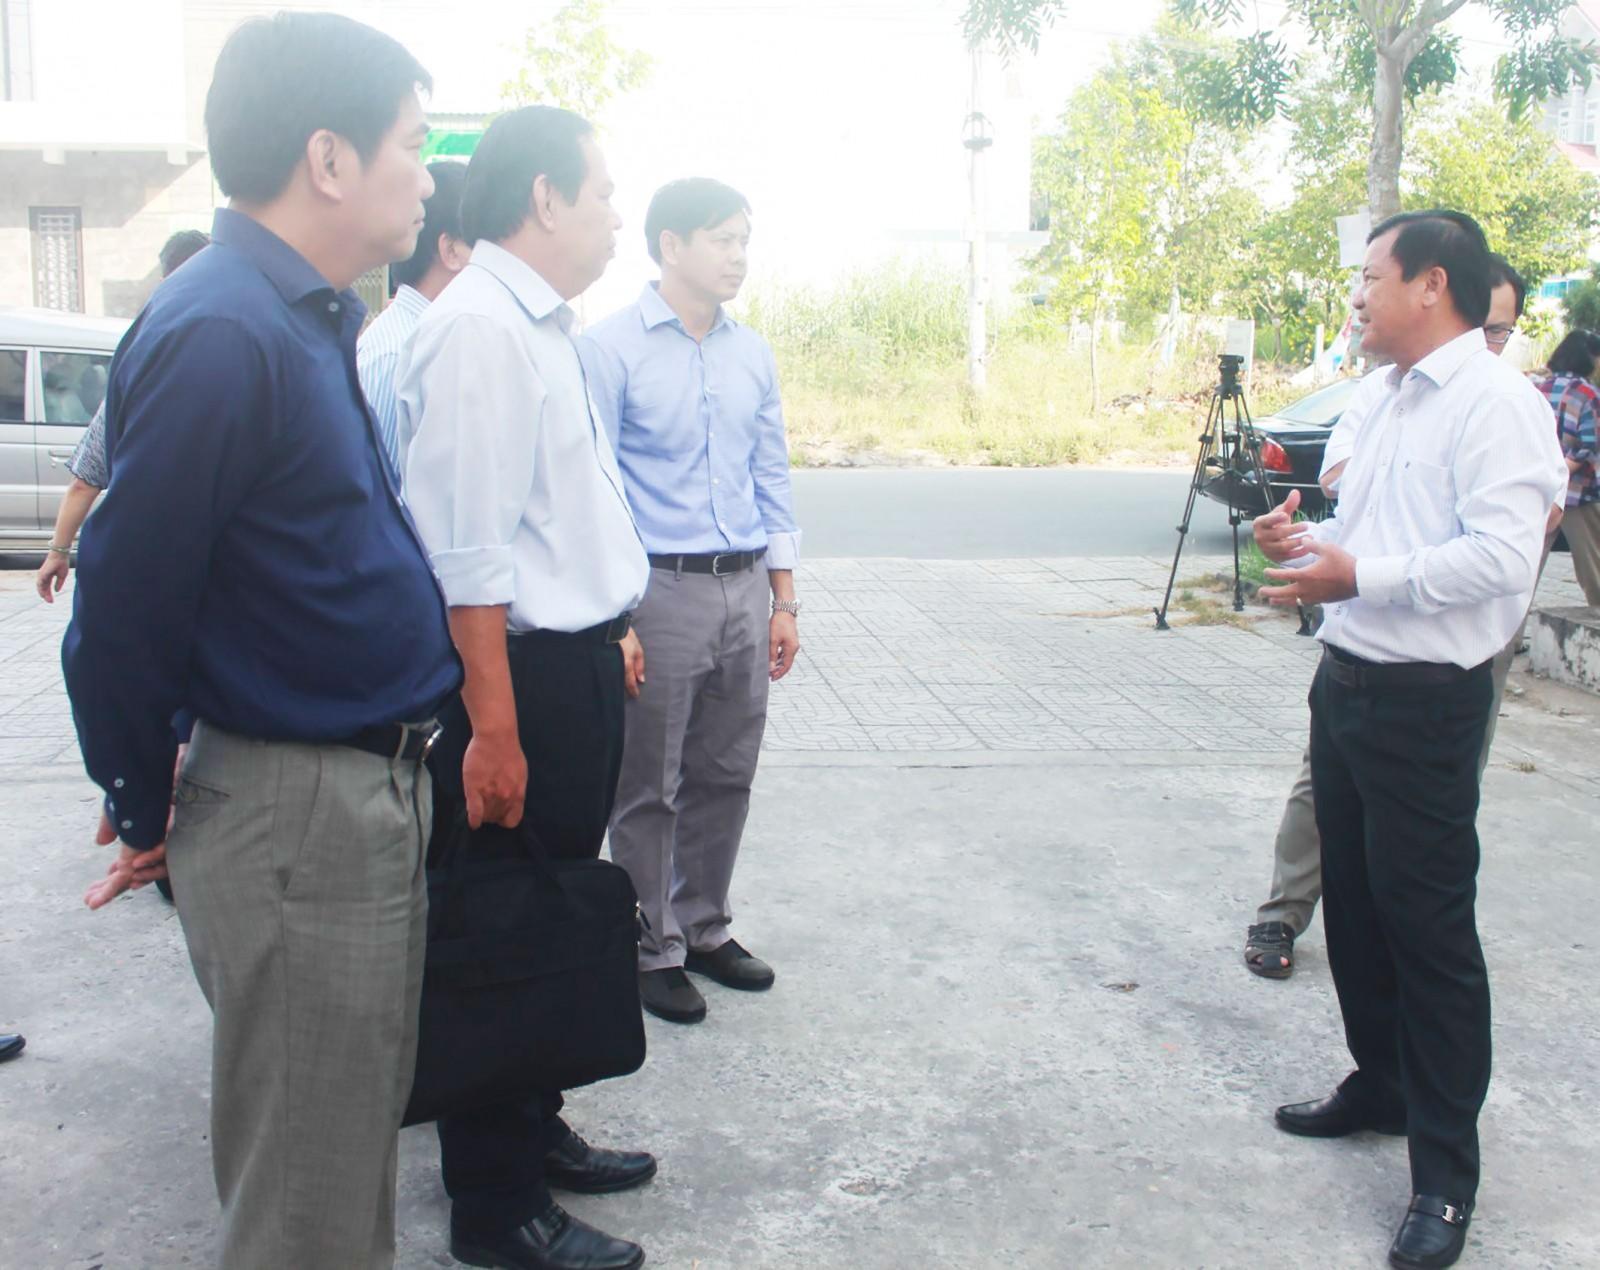 Phó Chủ tịch Thường trực UBND TP Cần Thơ Đào Anh Dũng (bìa phải) khảo sát thực tế chung cư Hồng Loan. Ảnh: MINH HUYỀN